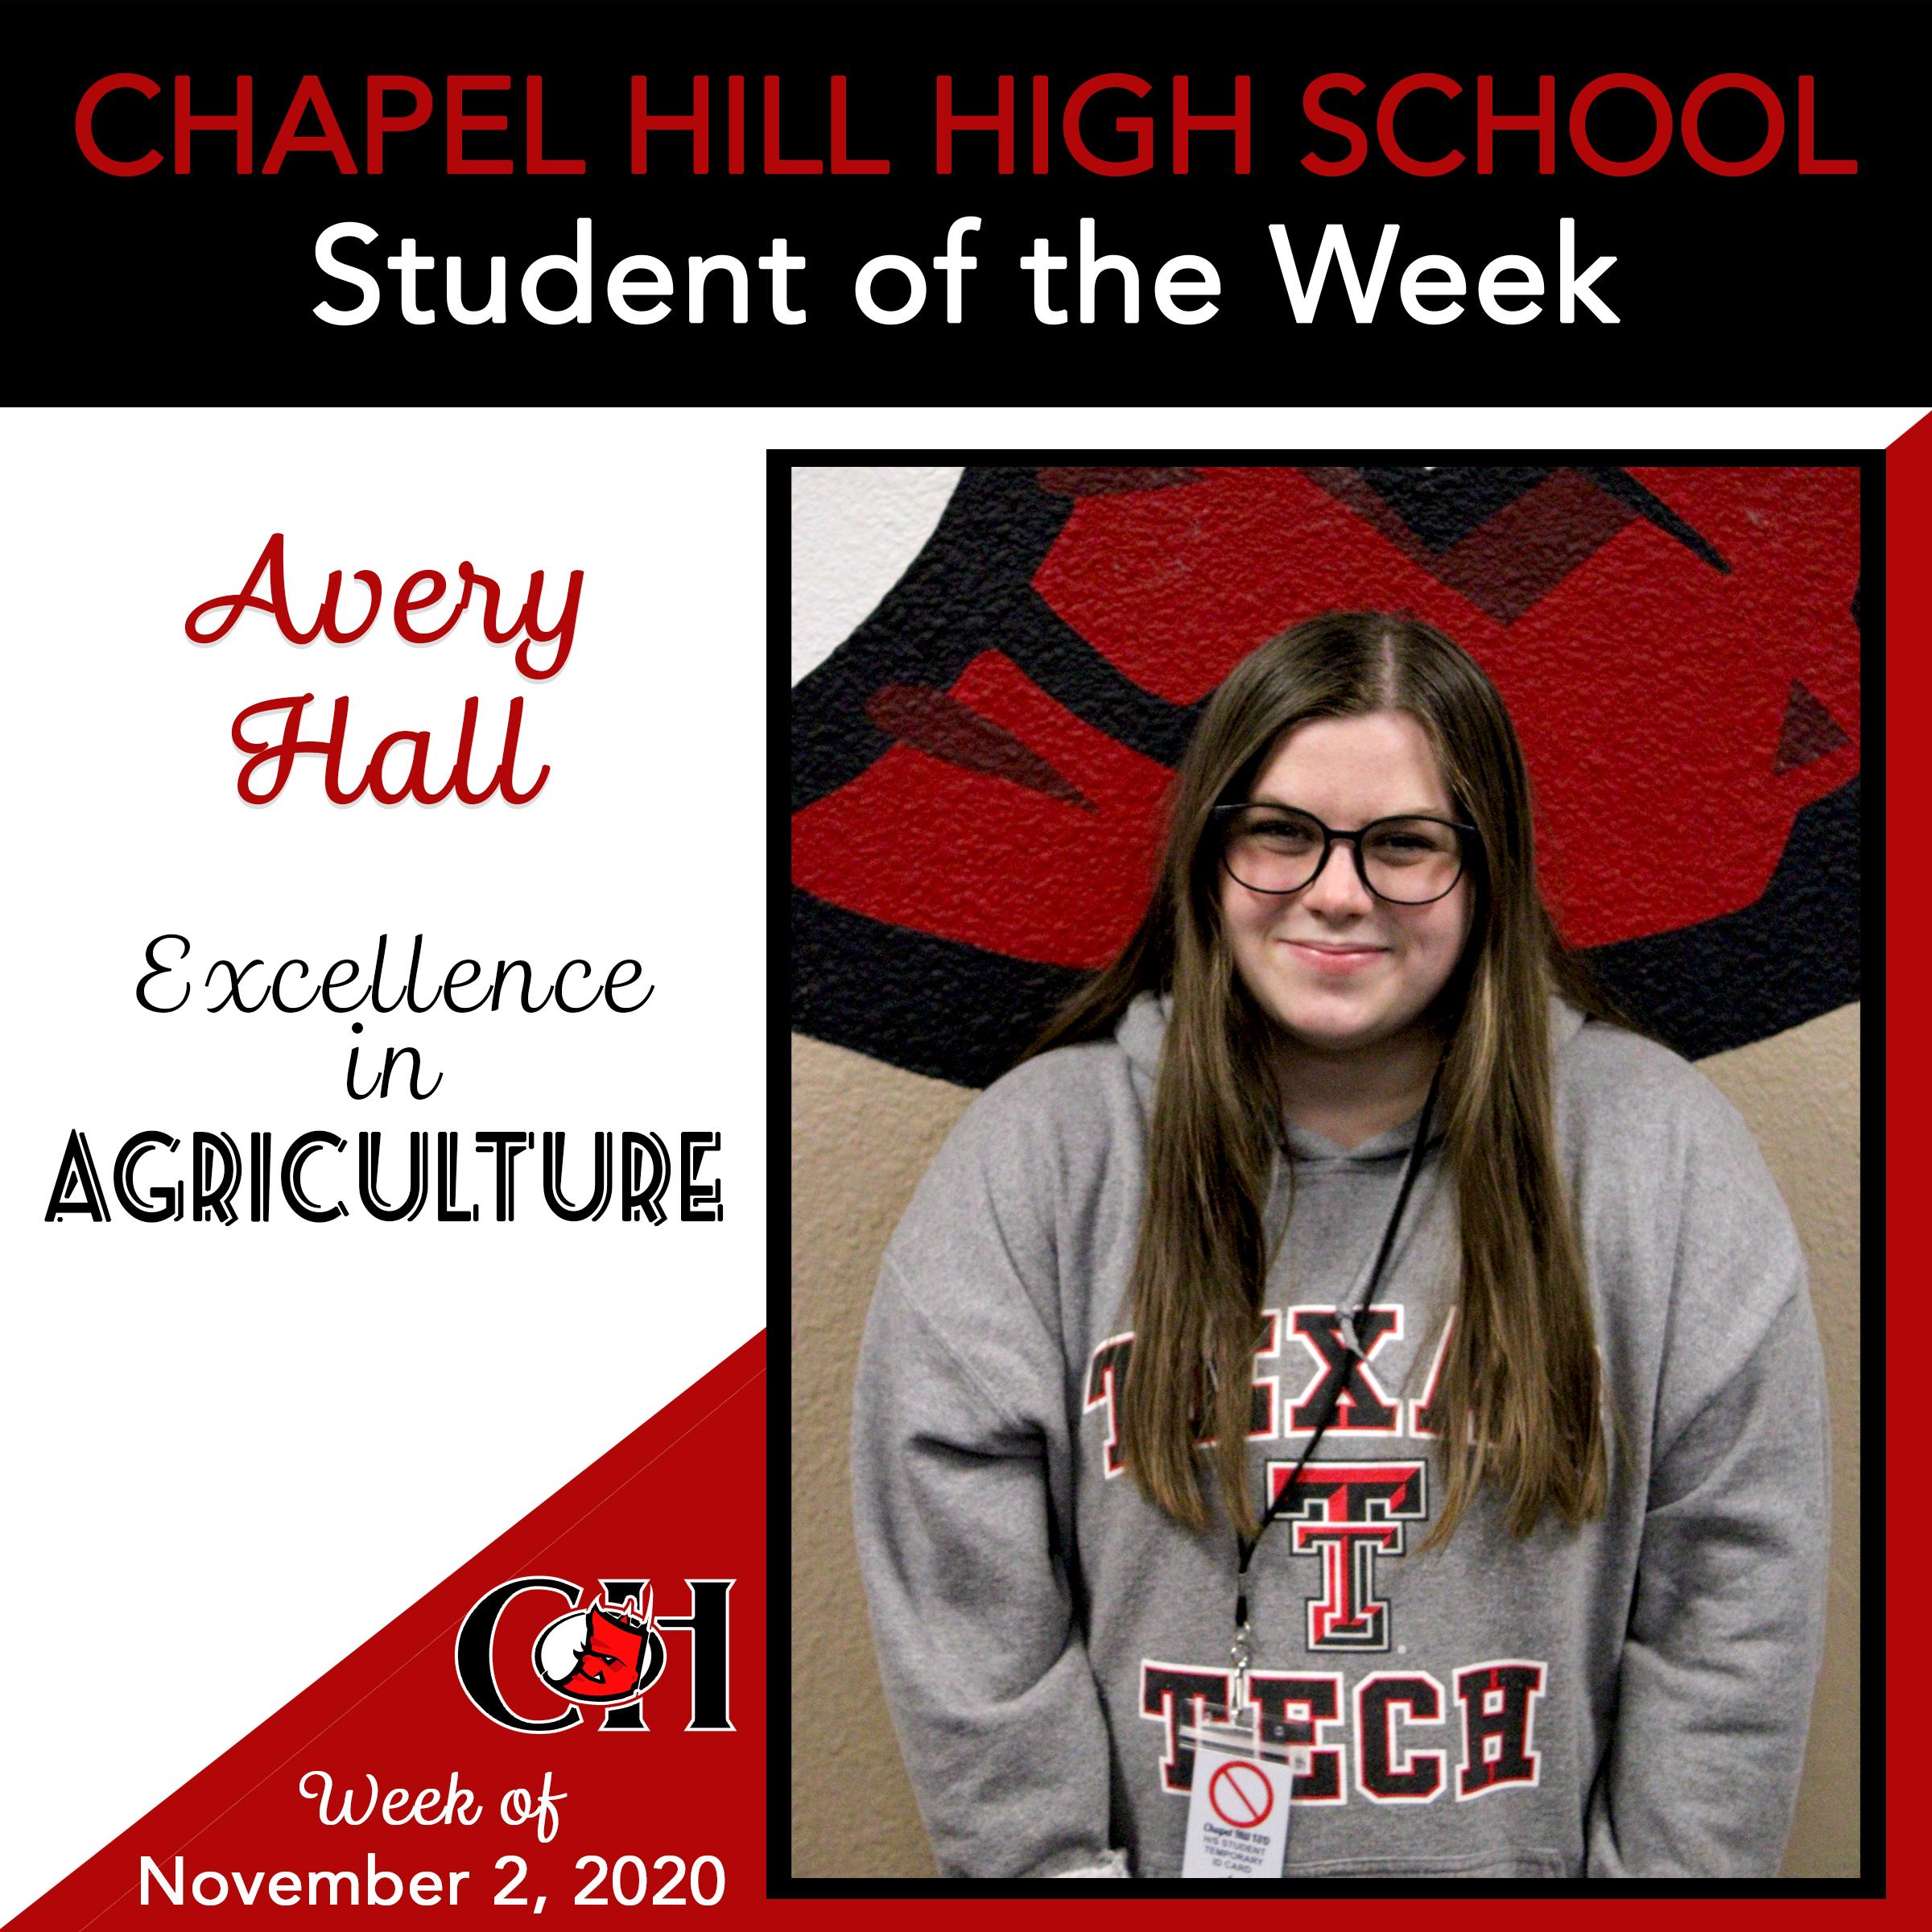 Avery Hall - Ag